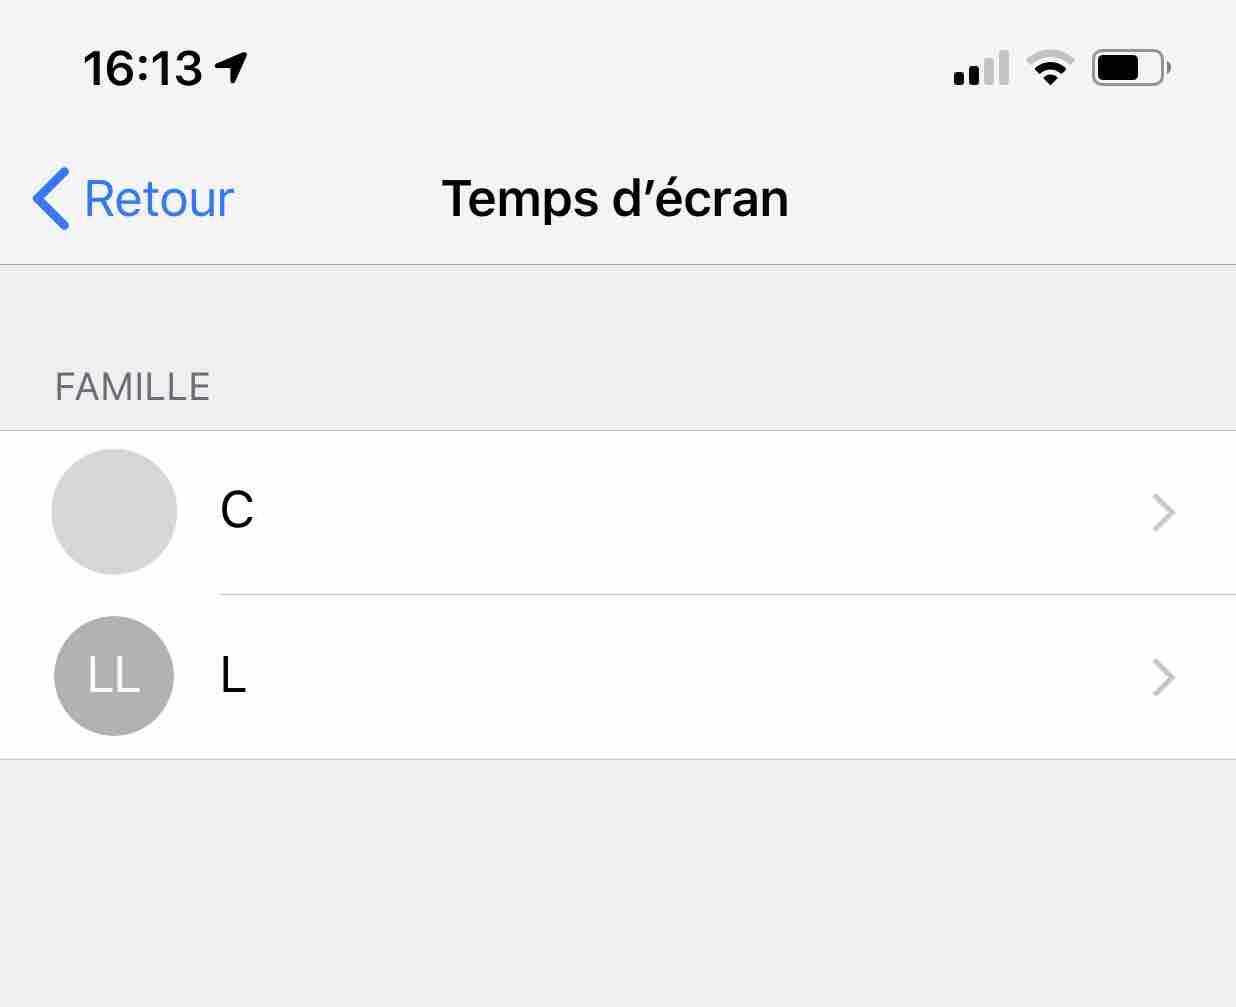 Temps-d'ecran_partage_familial_iOS_apple_Cplusclaire.jpg